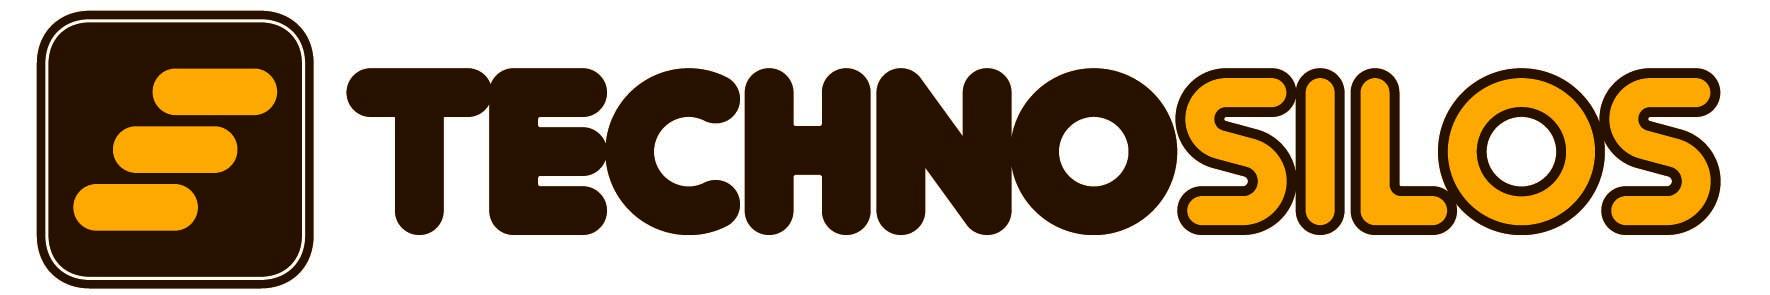 Technosilos logo